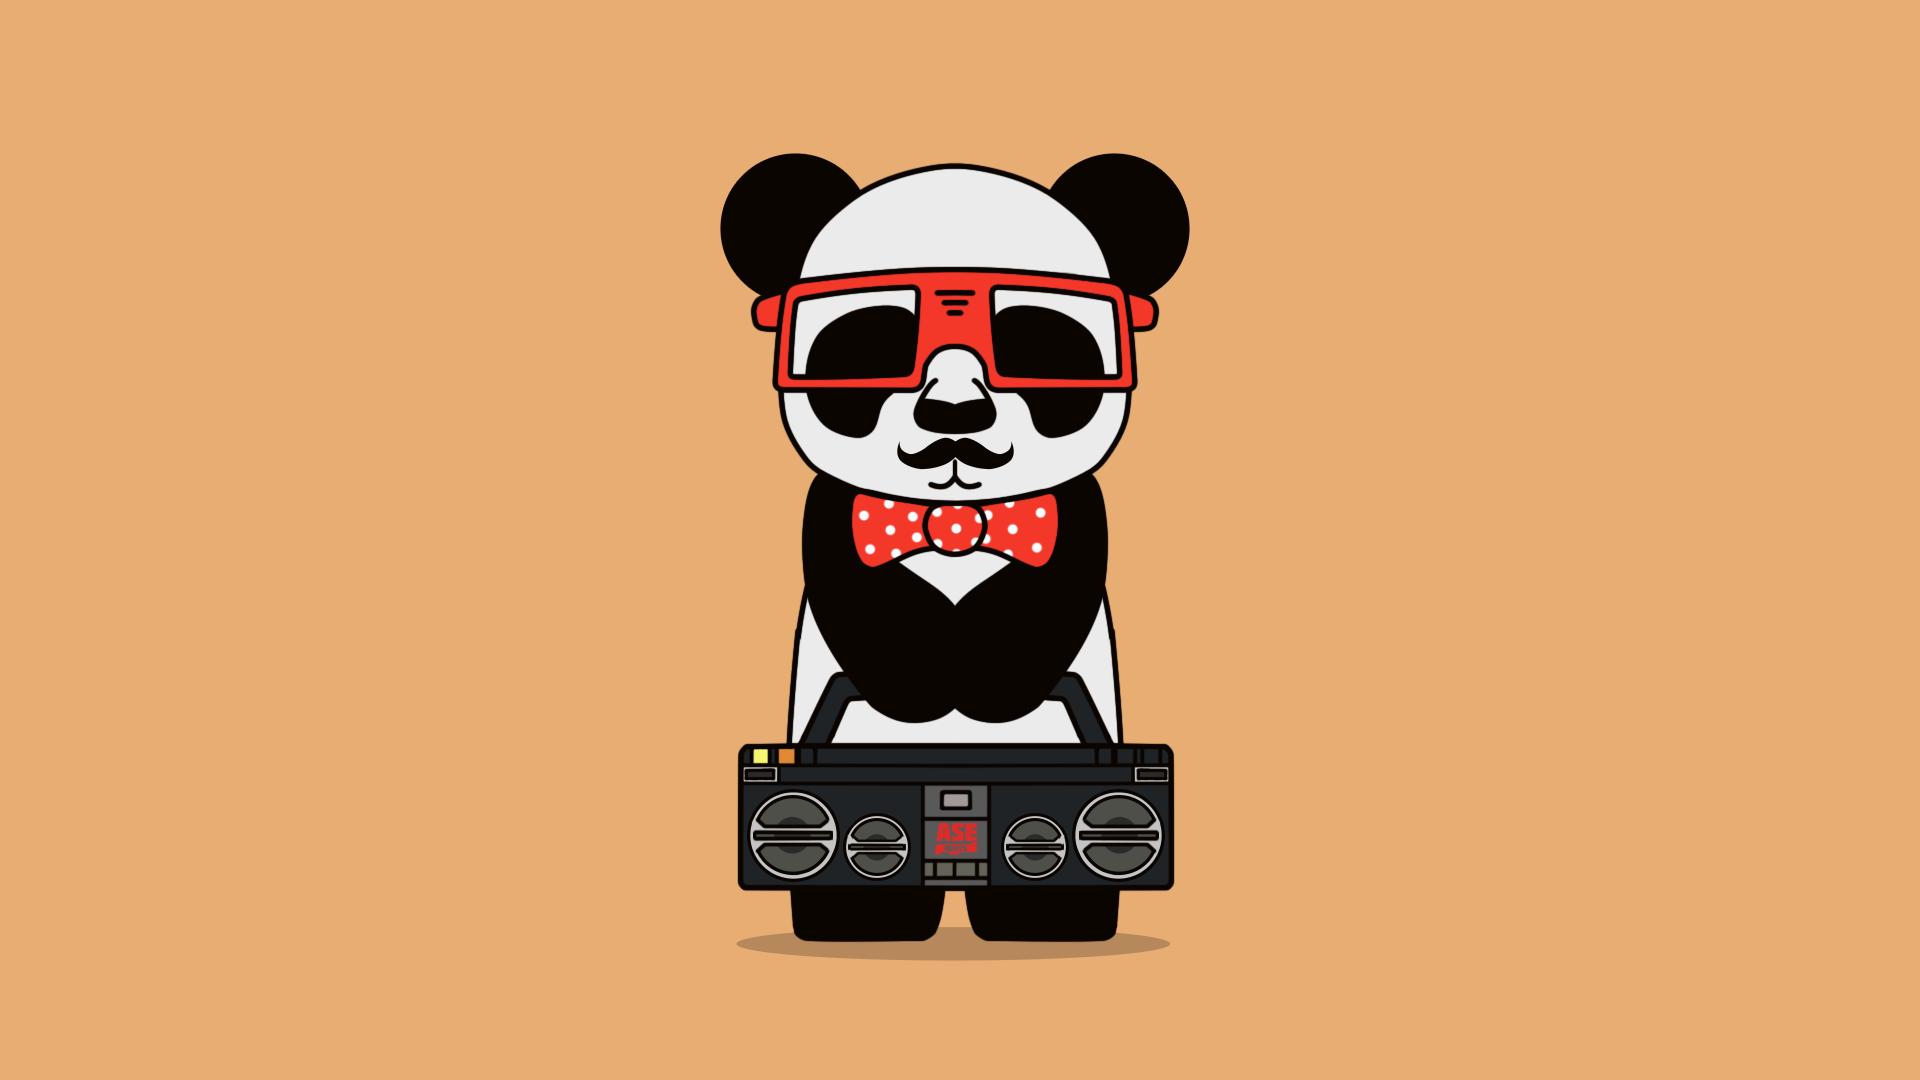 hip hop wallpaper hd download